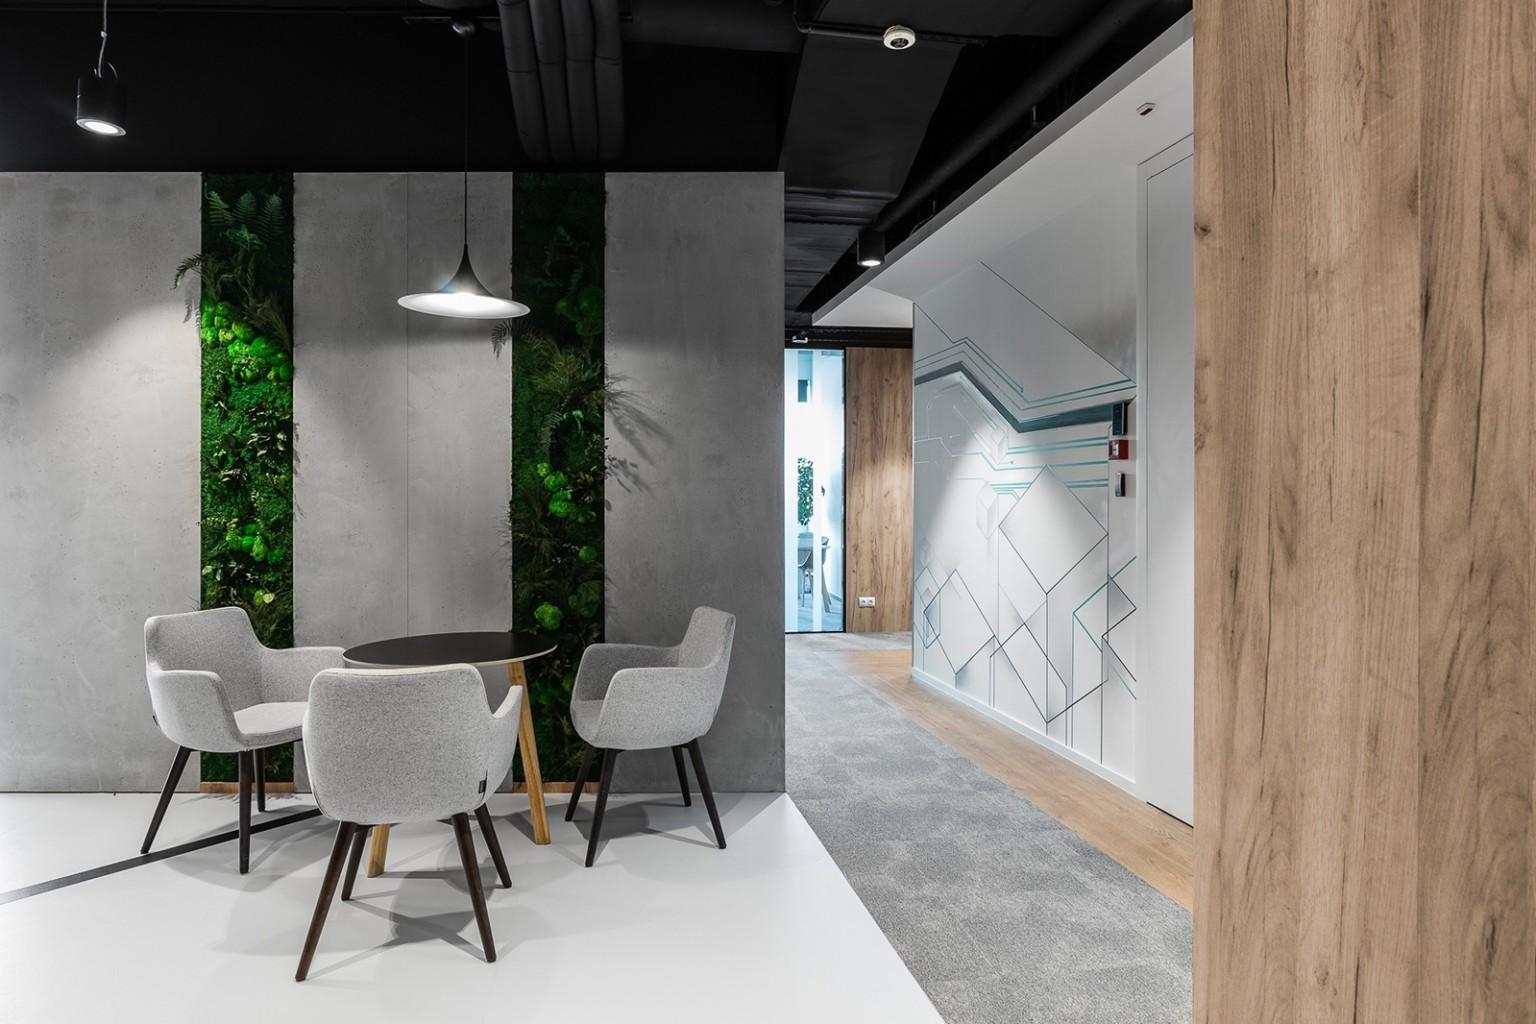 eset-office-krakow-4-768x512@2x.jpg